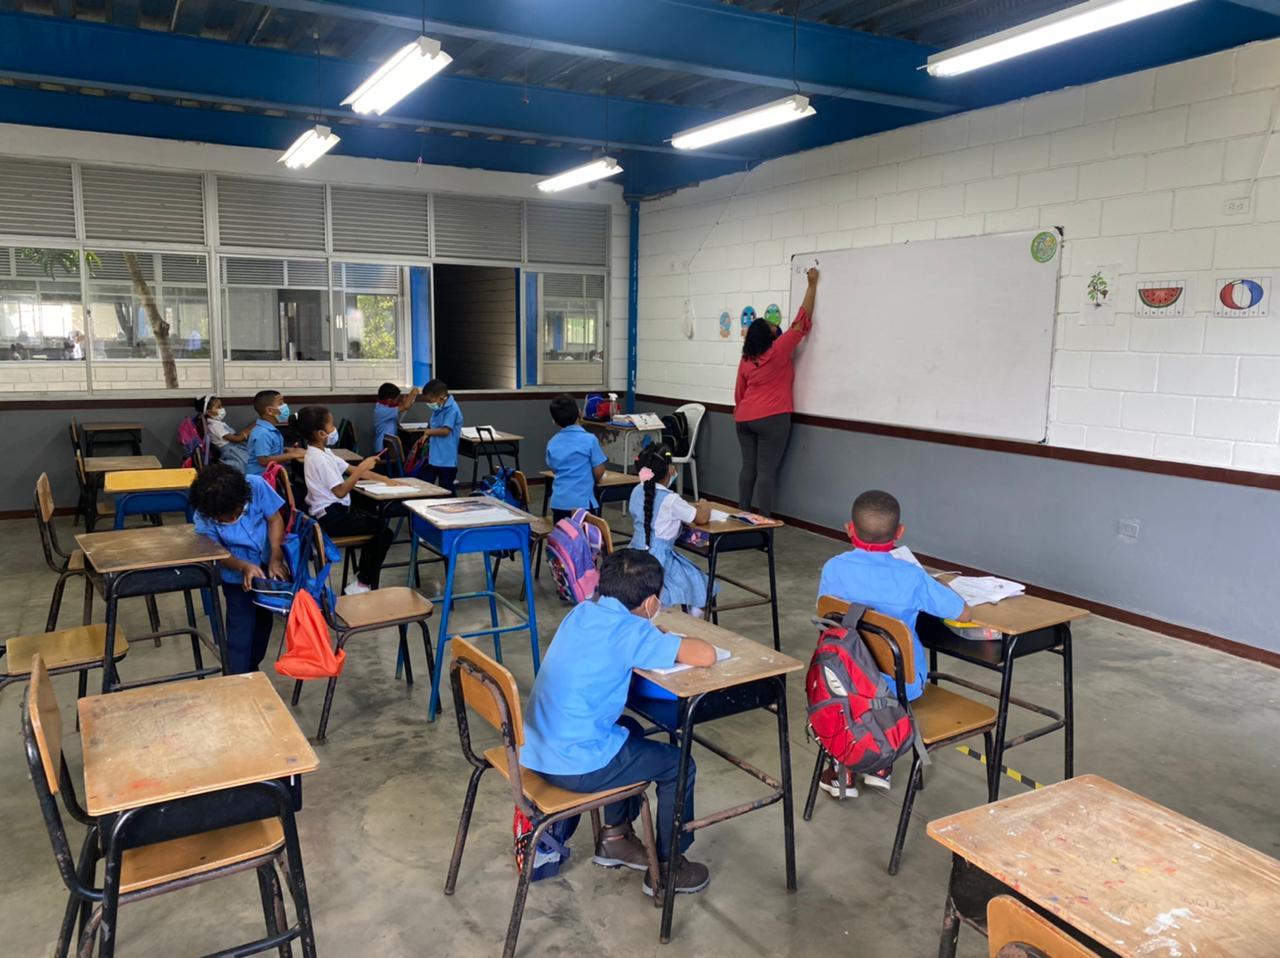 Procuraduría requirió al alcalde de Cartagena y de 14 municipios de Bolívar el plan de acción para retomar clases presenciales